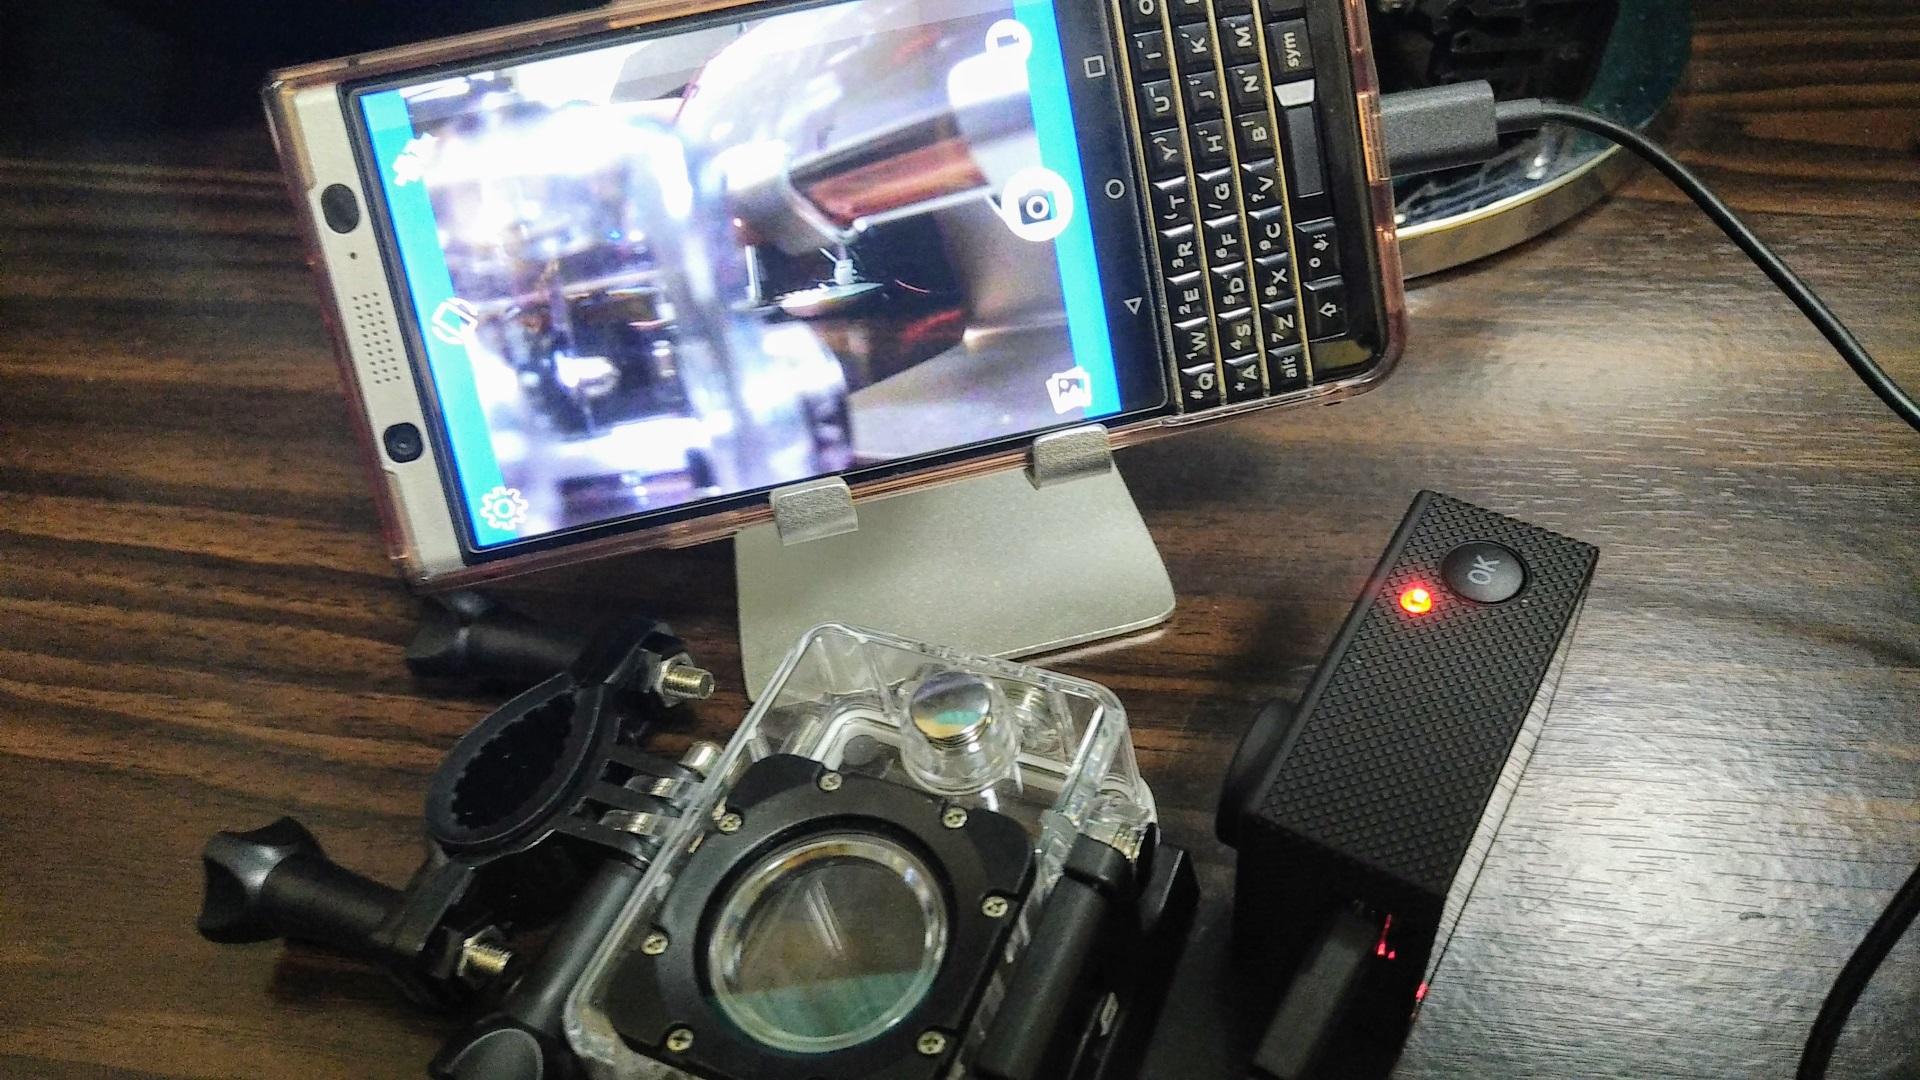 「アクティブギア フルHDカメラ」をUSBカメラとして「KEYone」に接続して利用する方法【レポート】